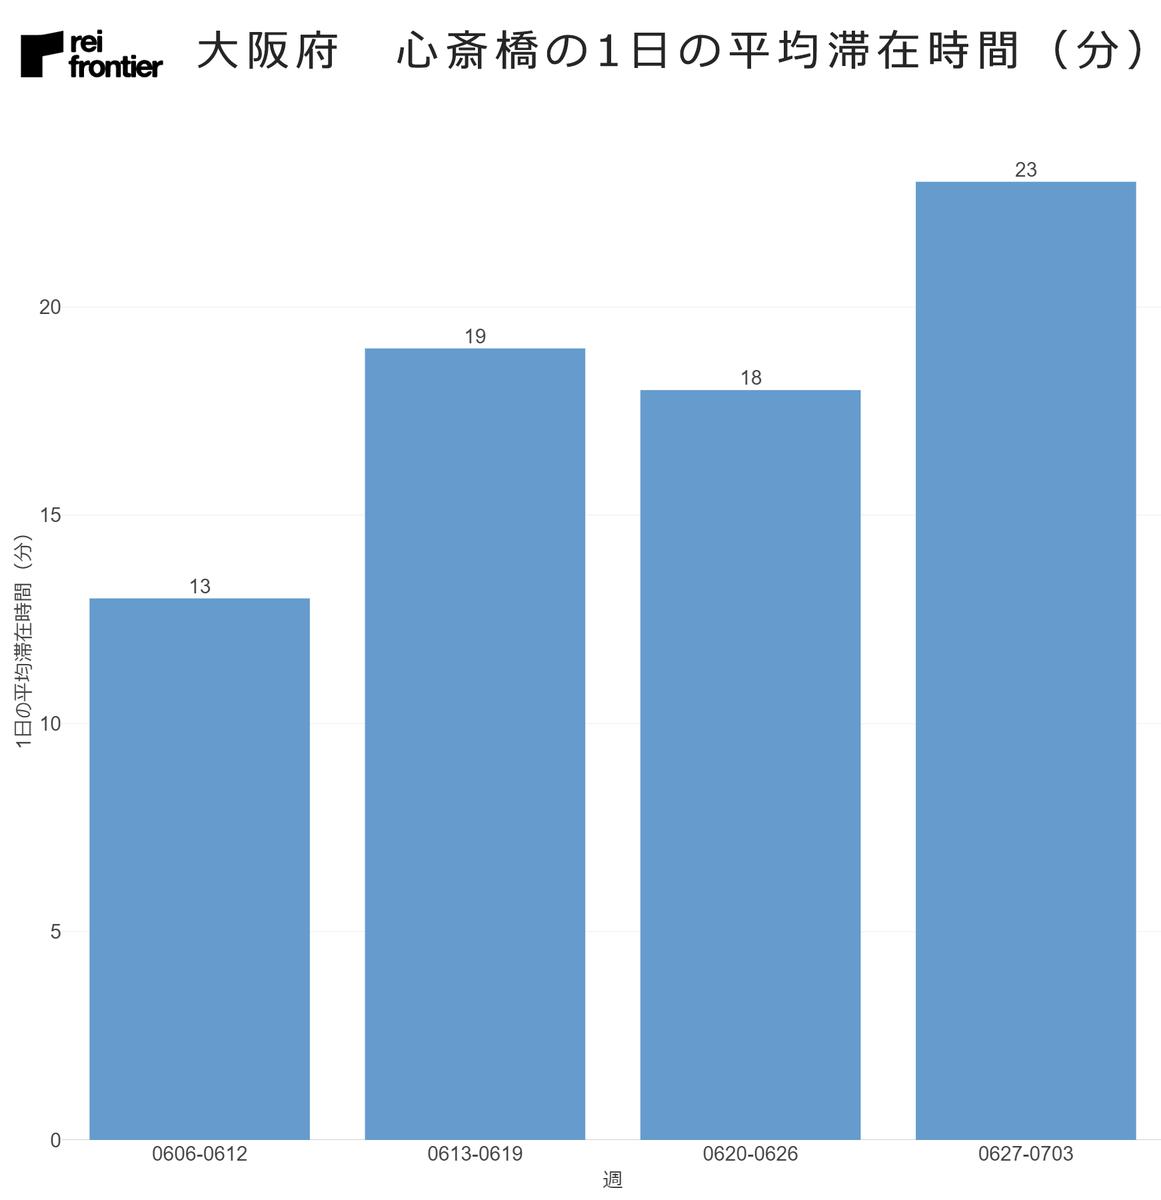 大阪府 心斎橋の1日の平均滞在時間